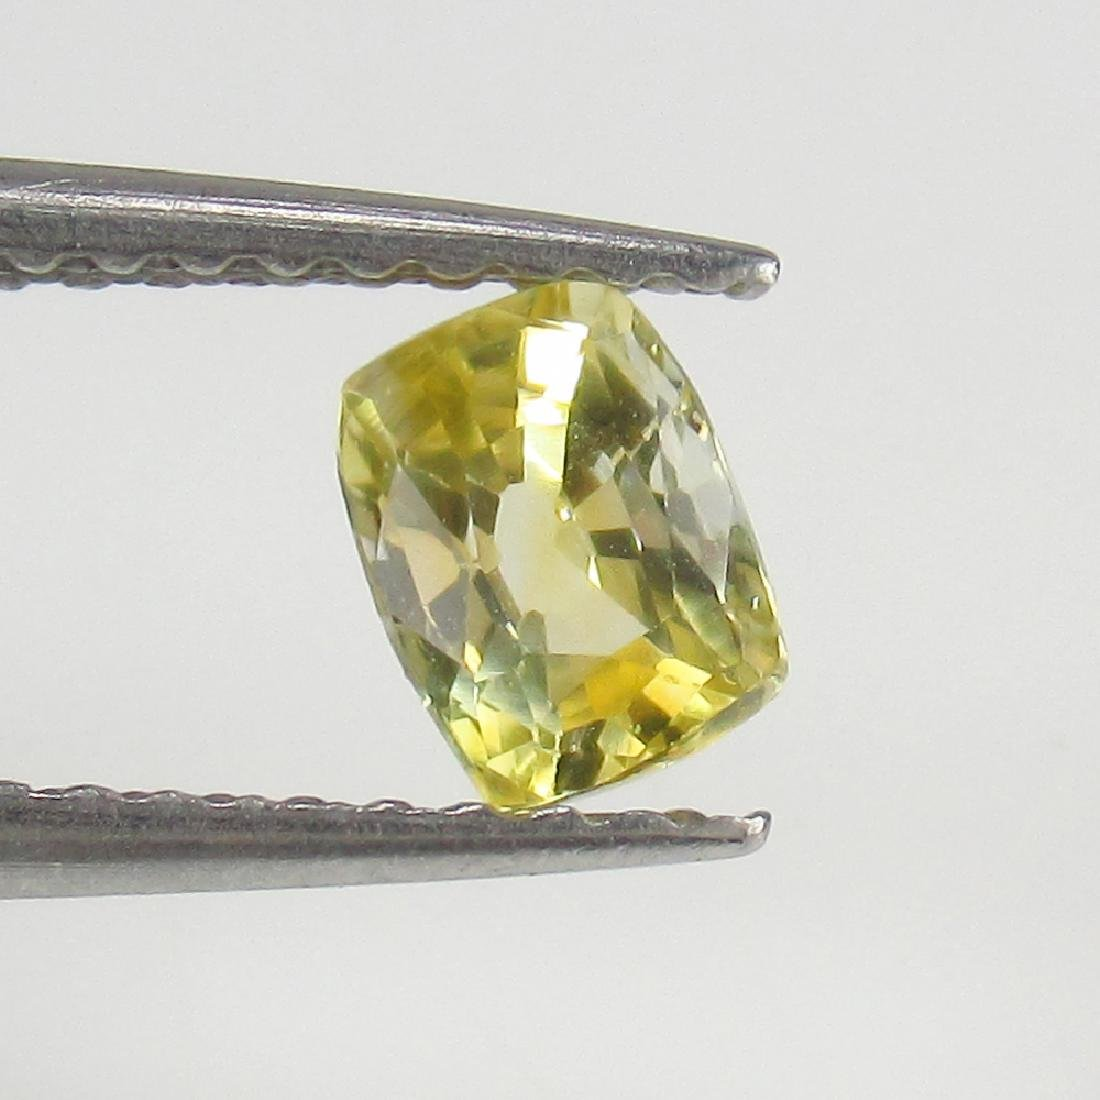 0.64 Ct Genuine IGI Certified Sri Lanka Yellow Sapphire - 4